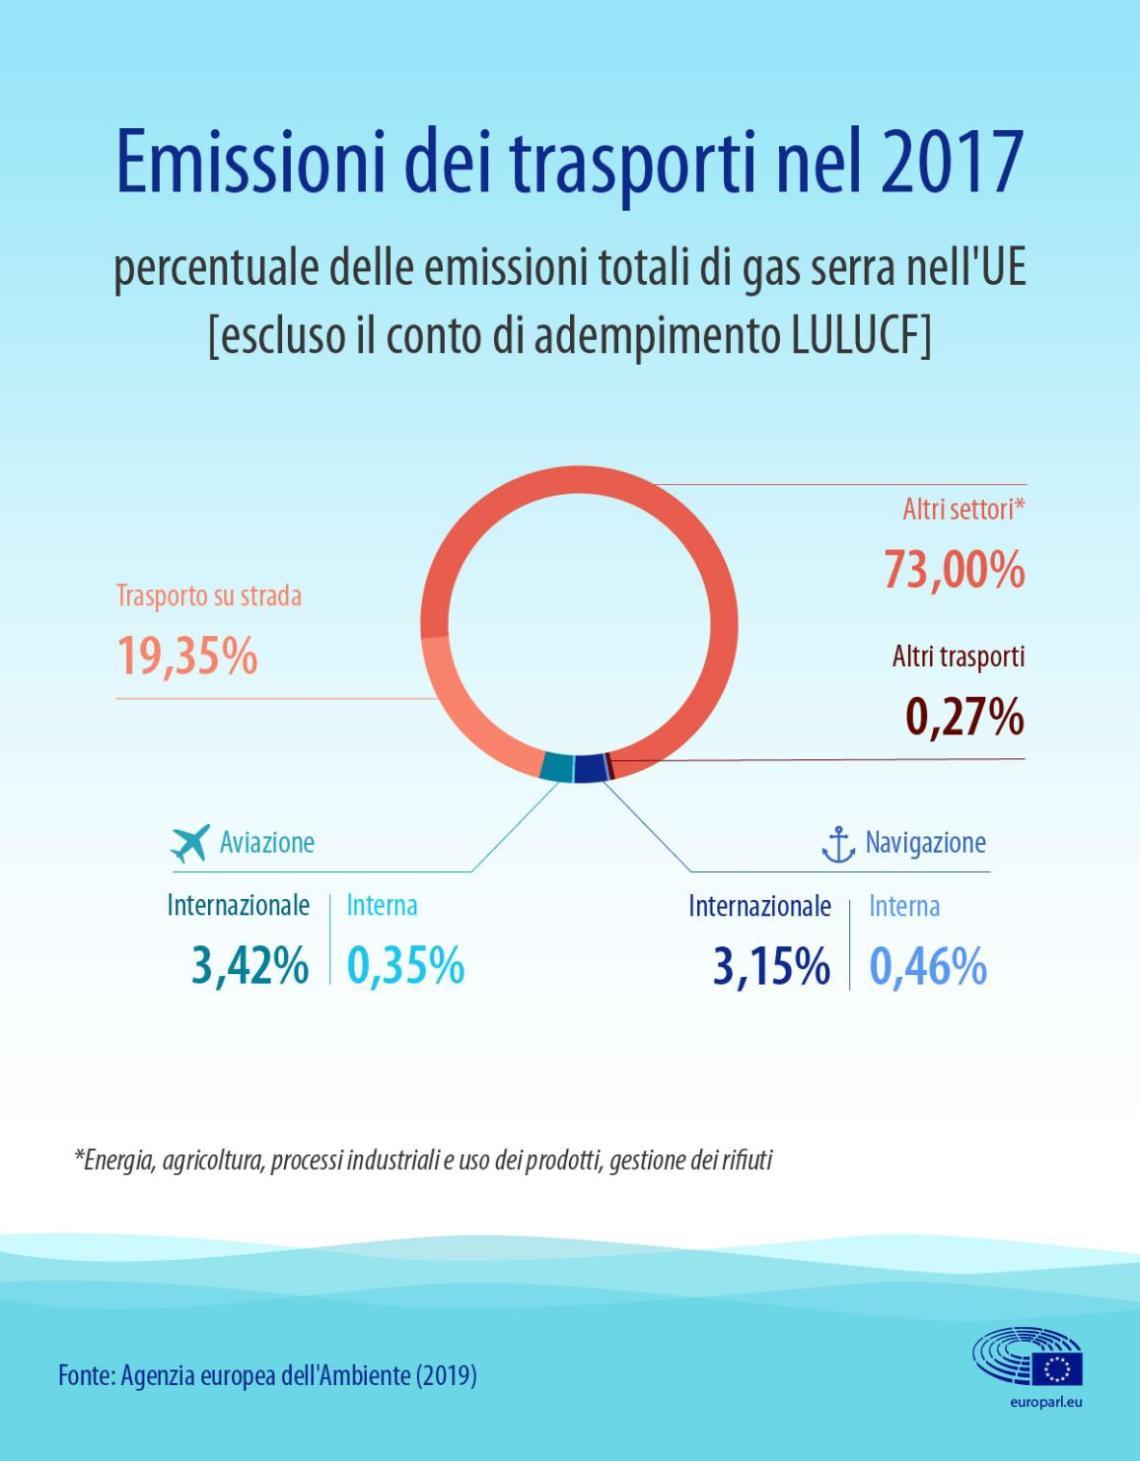 Infografica - Emissioni dei trasporti nel 2017